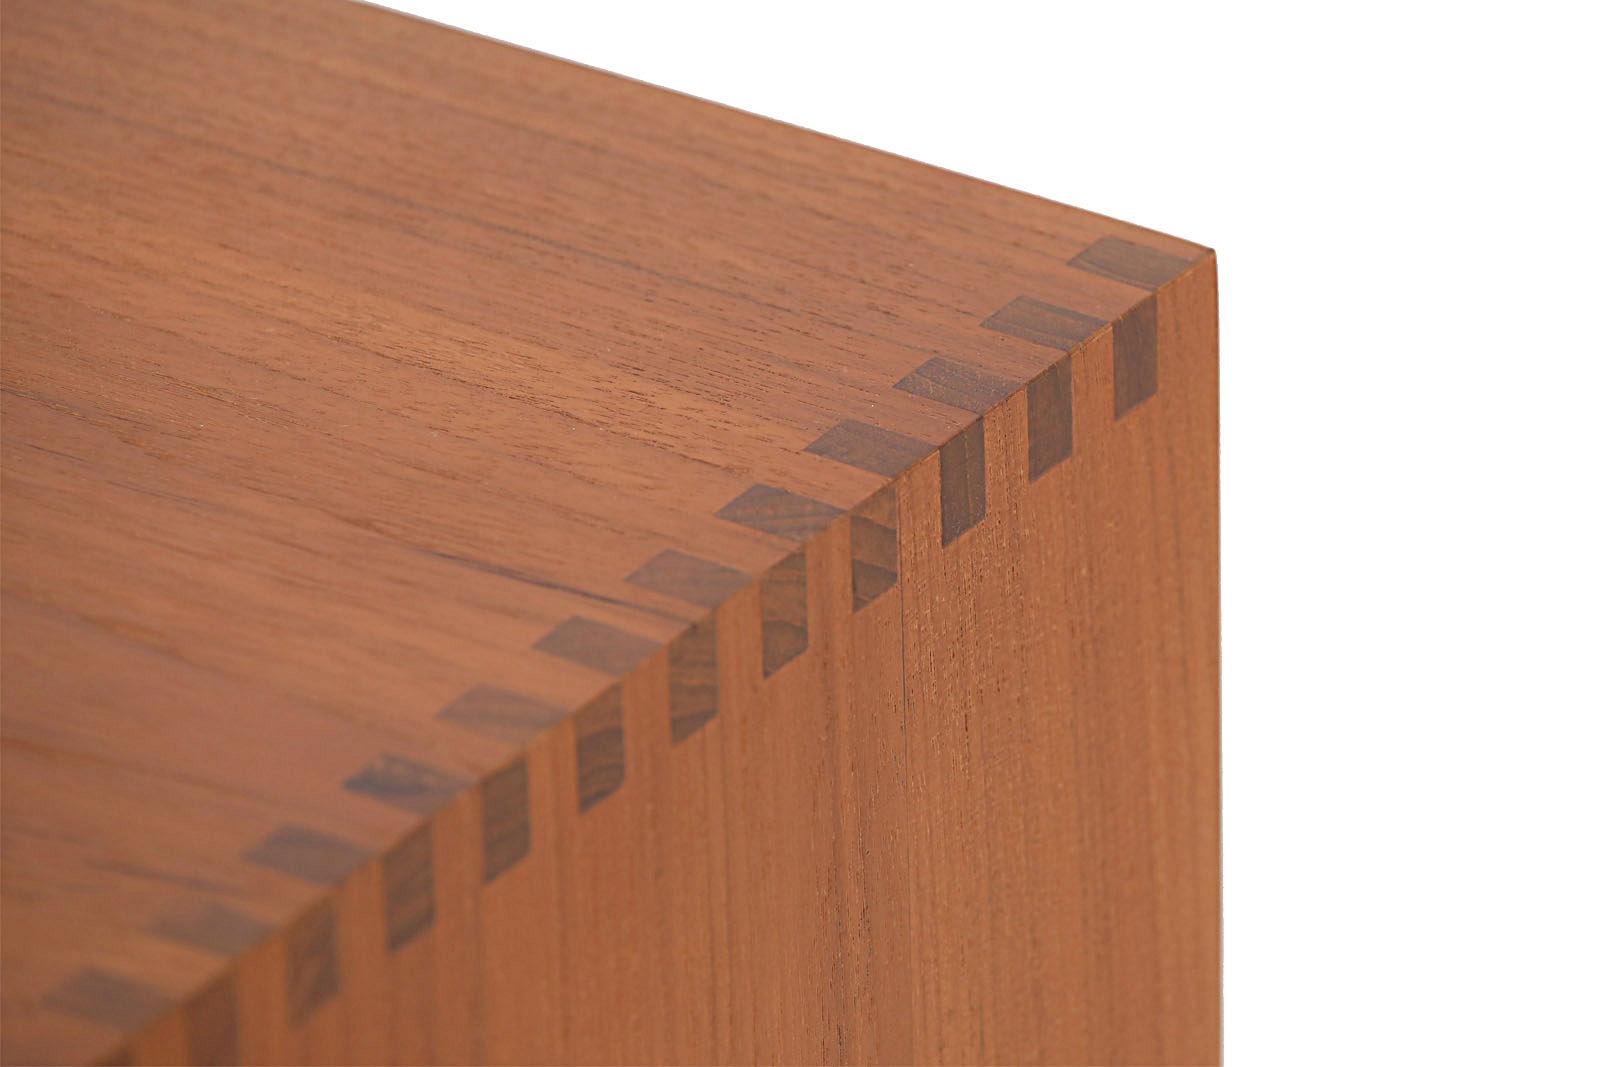 チーク無垢材 スモールブックシェルフ 3x3